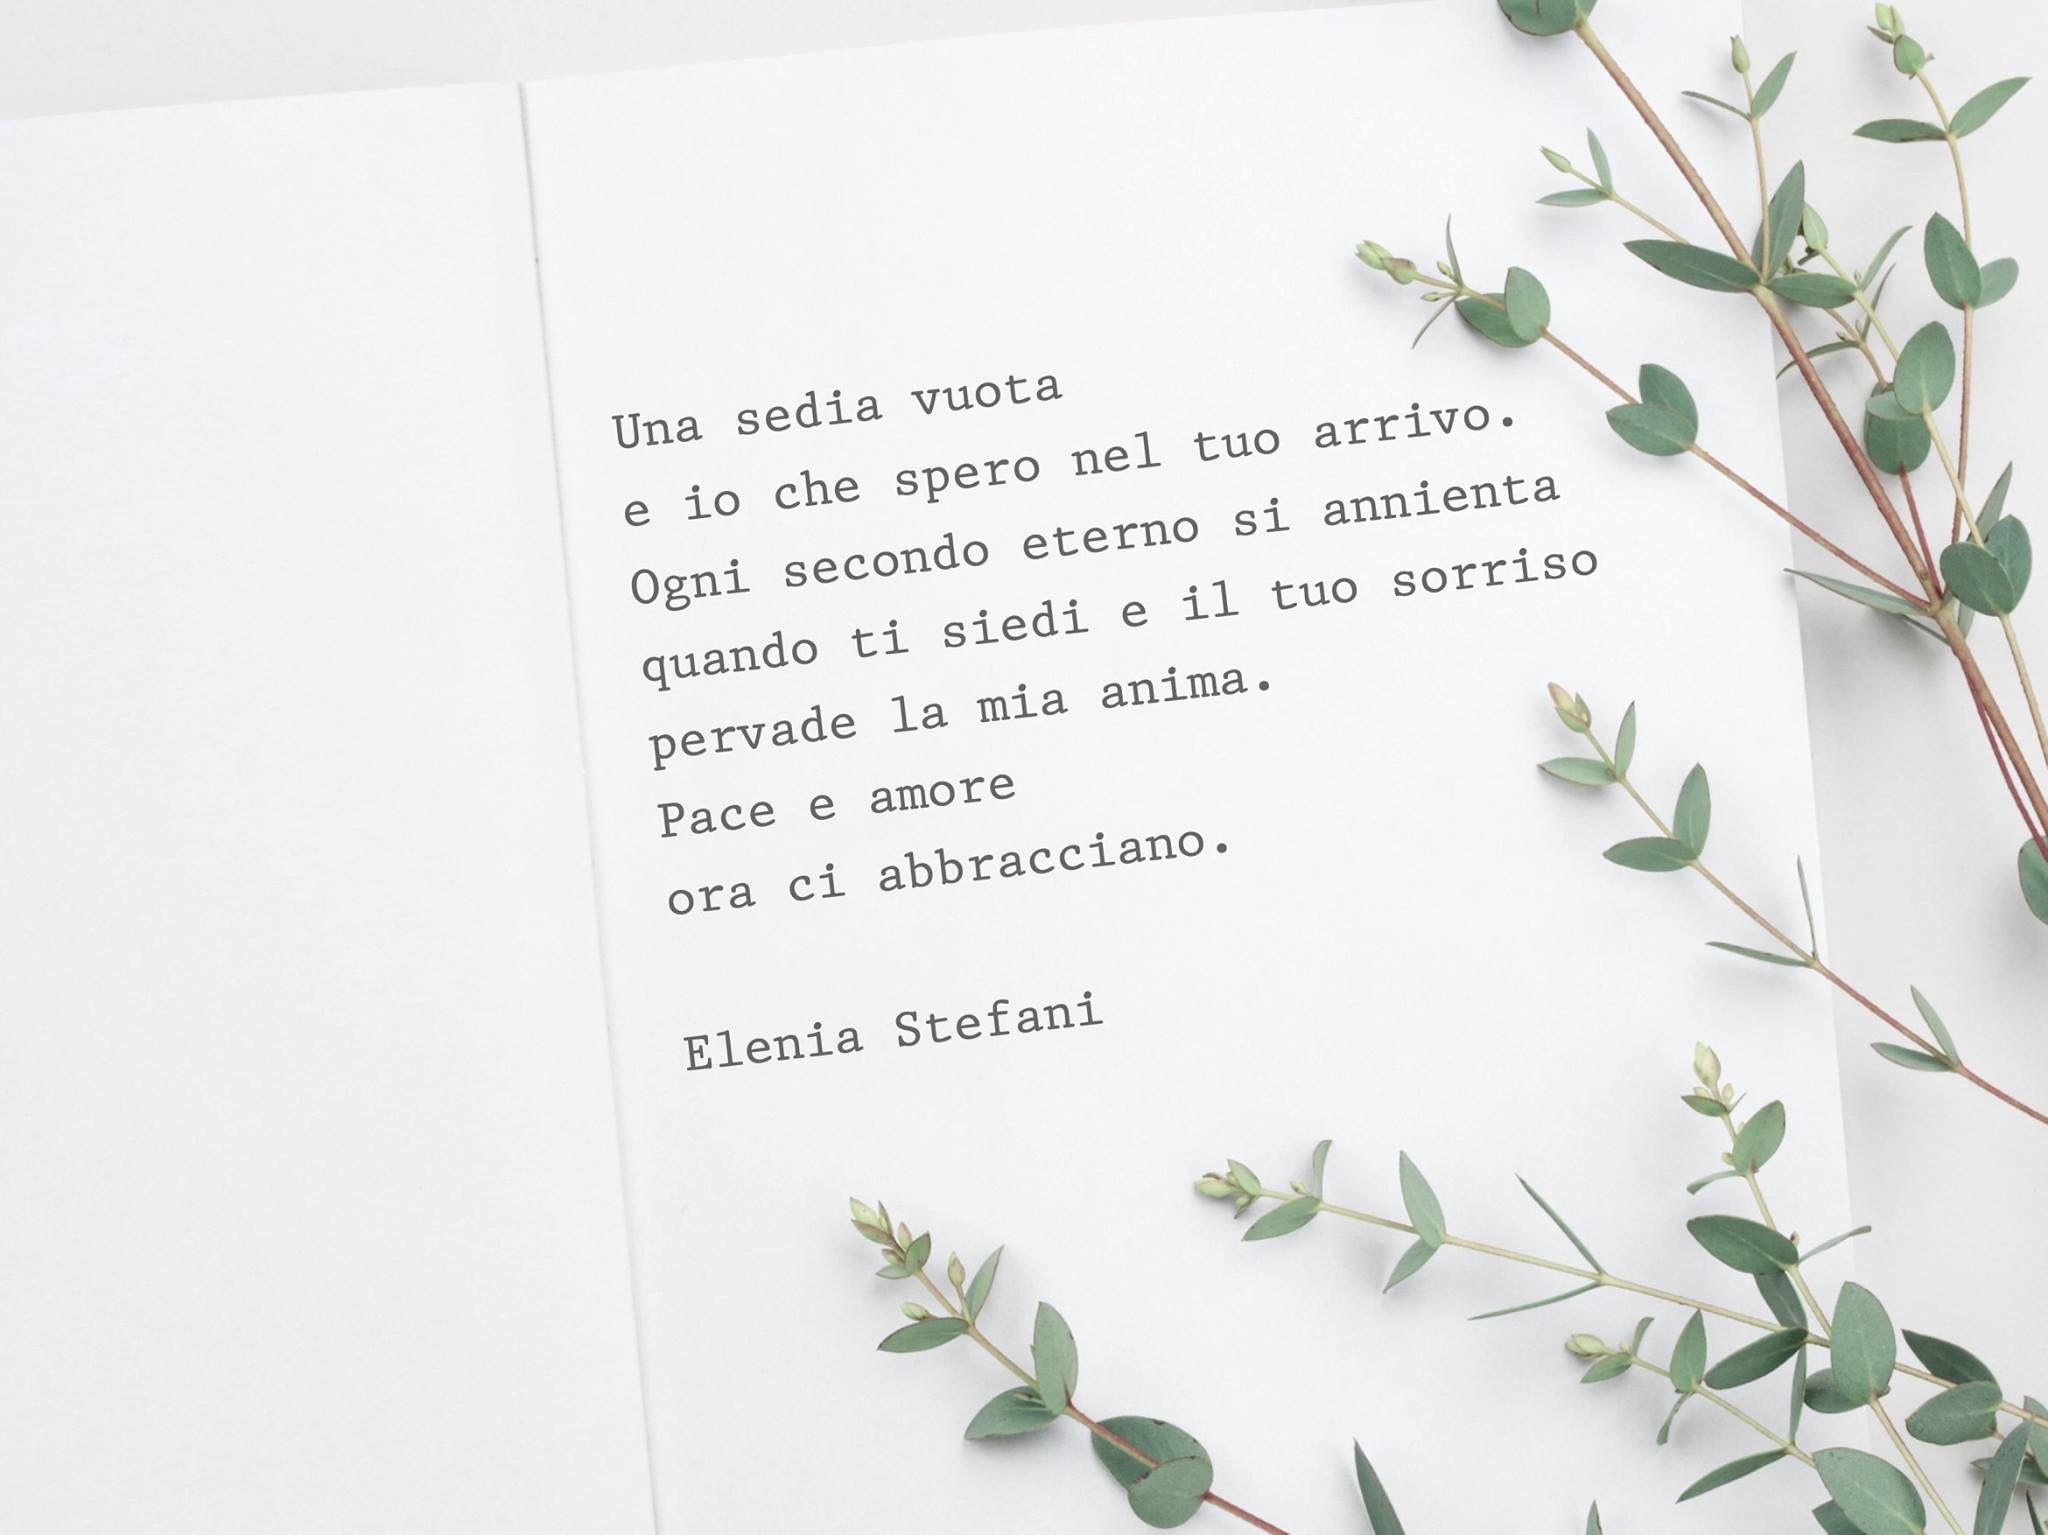 Emozioni Sentimenti Poesia Inediti Elenia Sensazioni Sedia